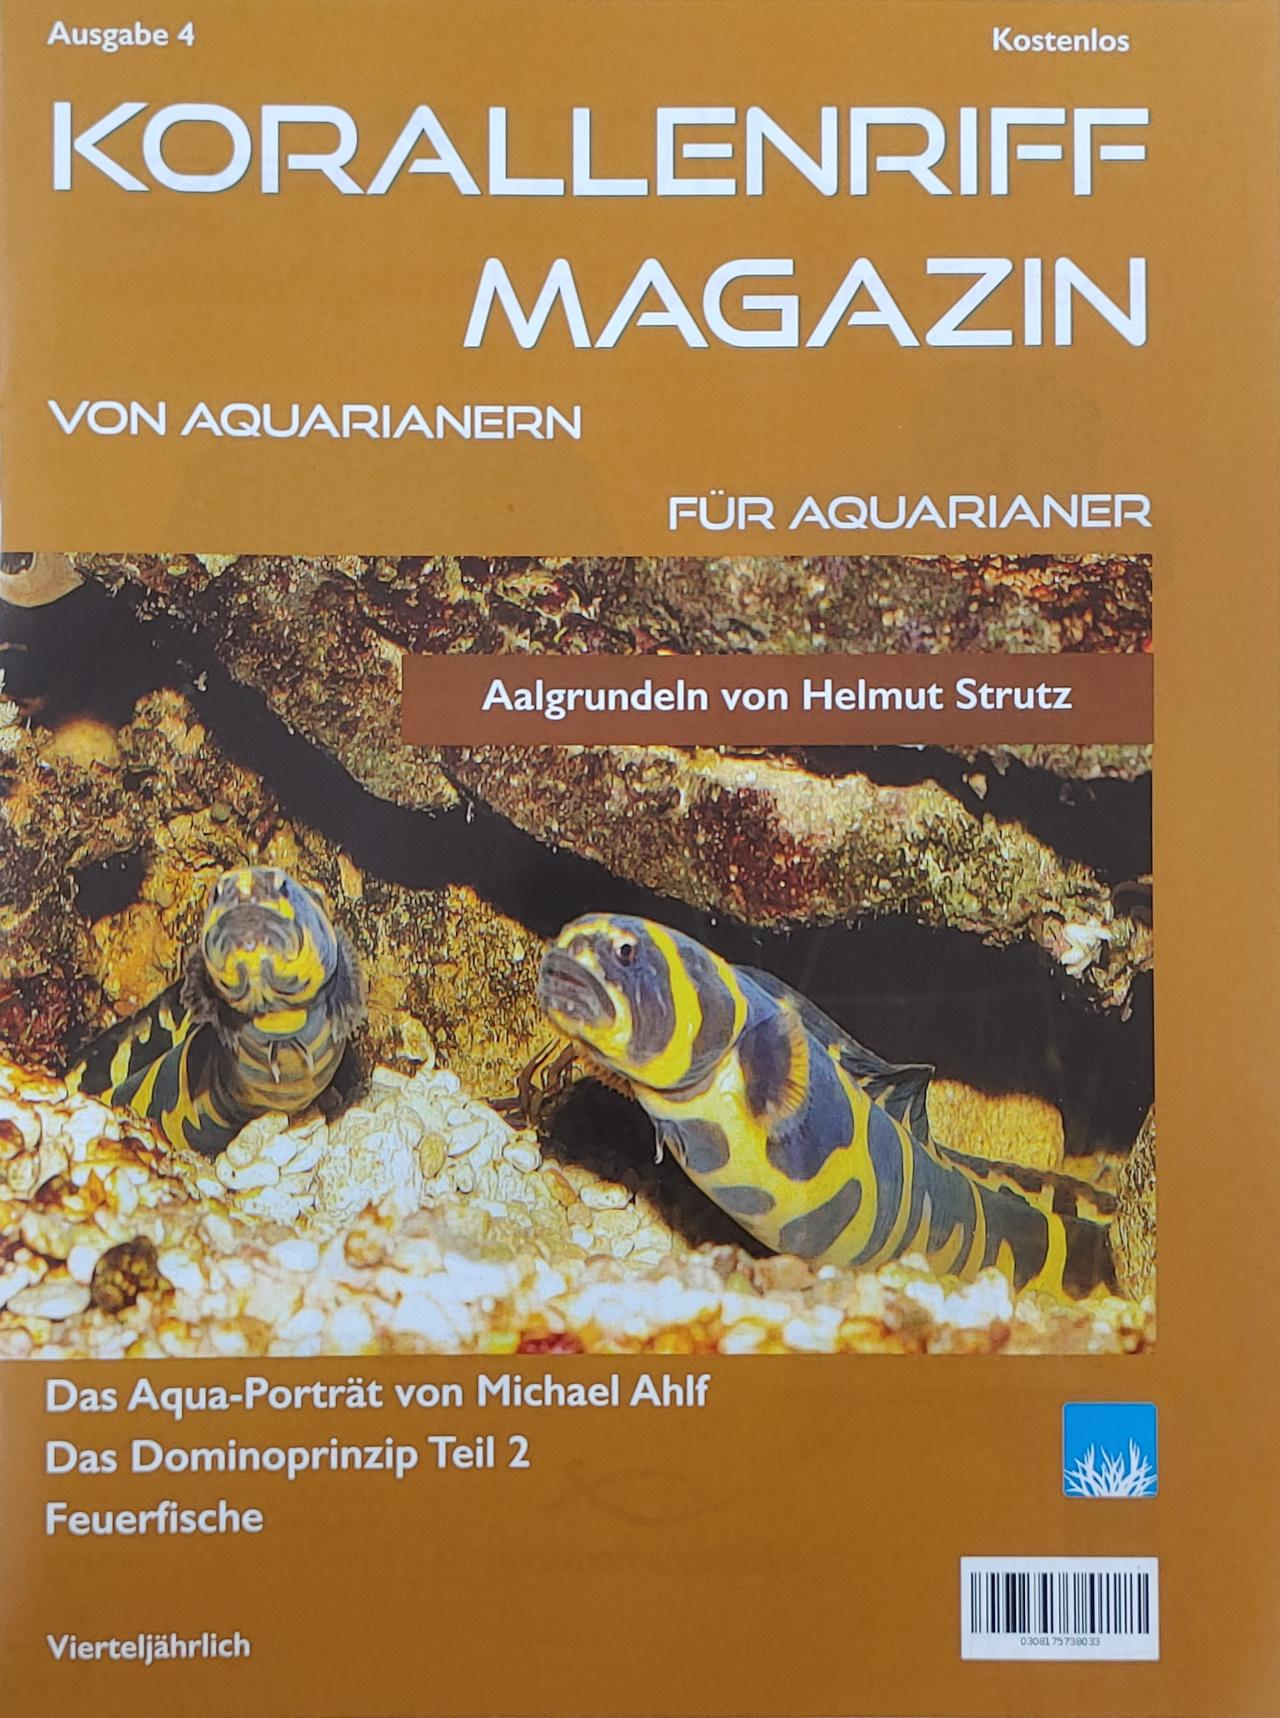 Korallenriff Magazin Ausgabe 4: Gleich mitnehmen!